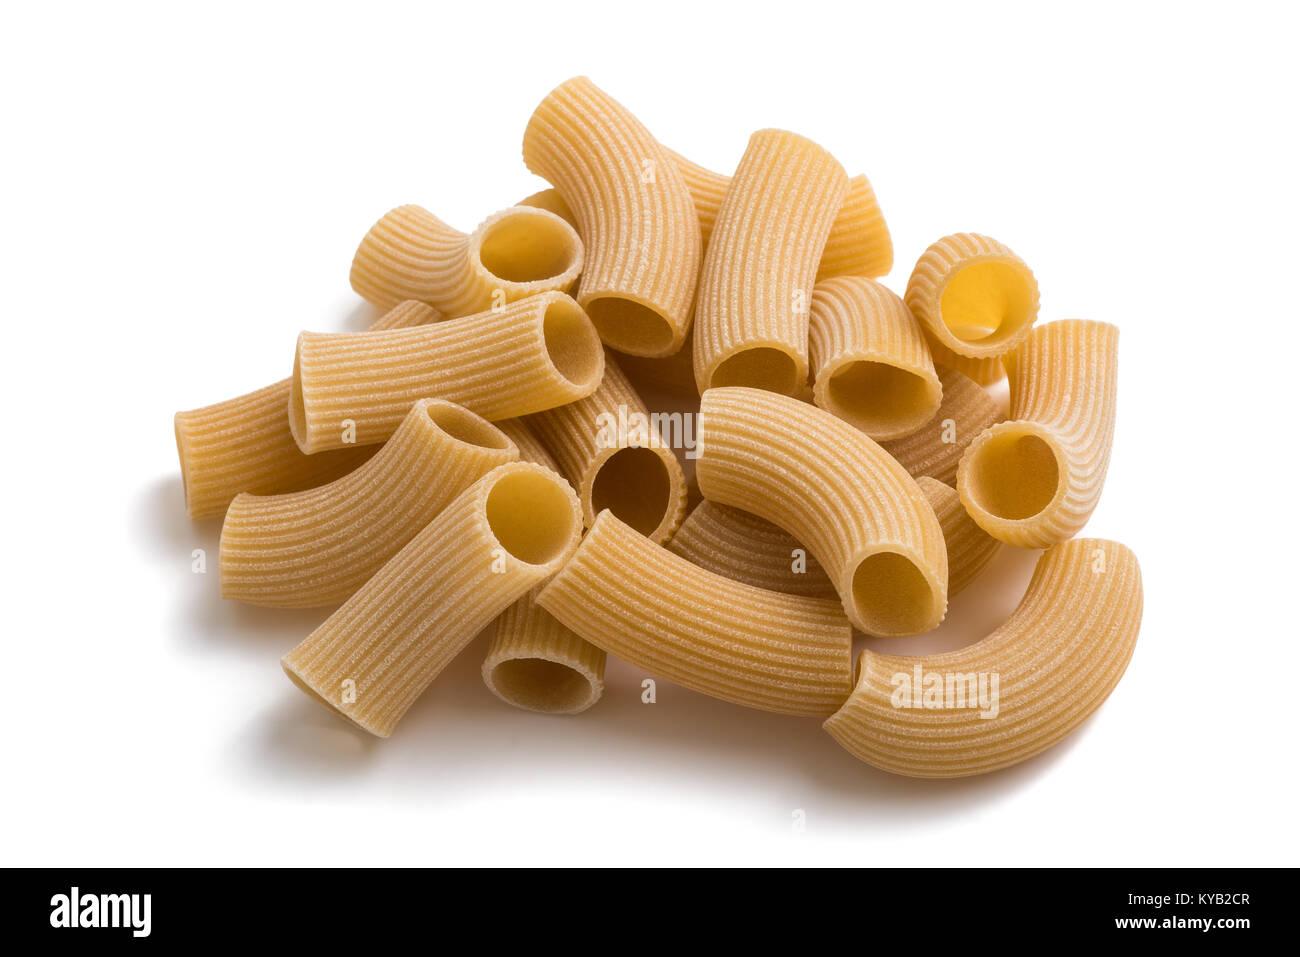 Spelt rigatoni pasta isolated on white background - Stock Image